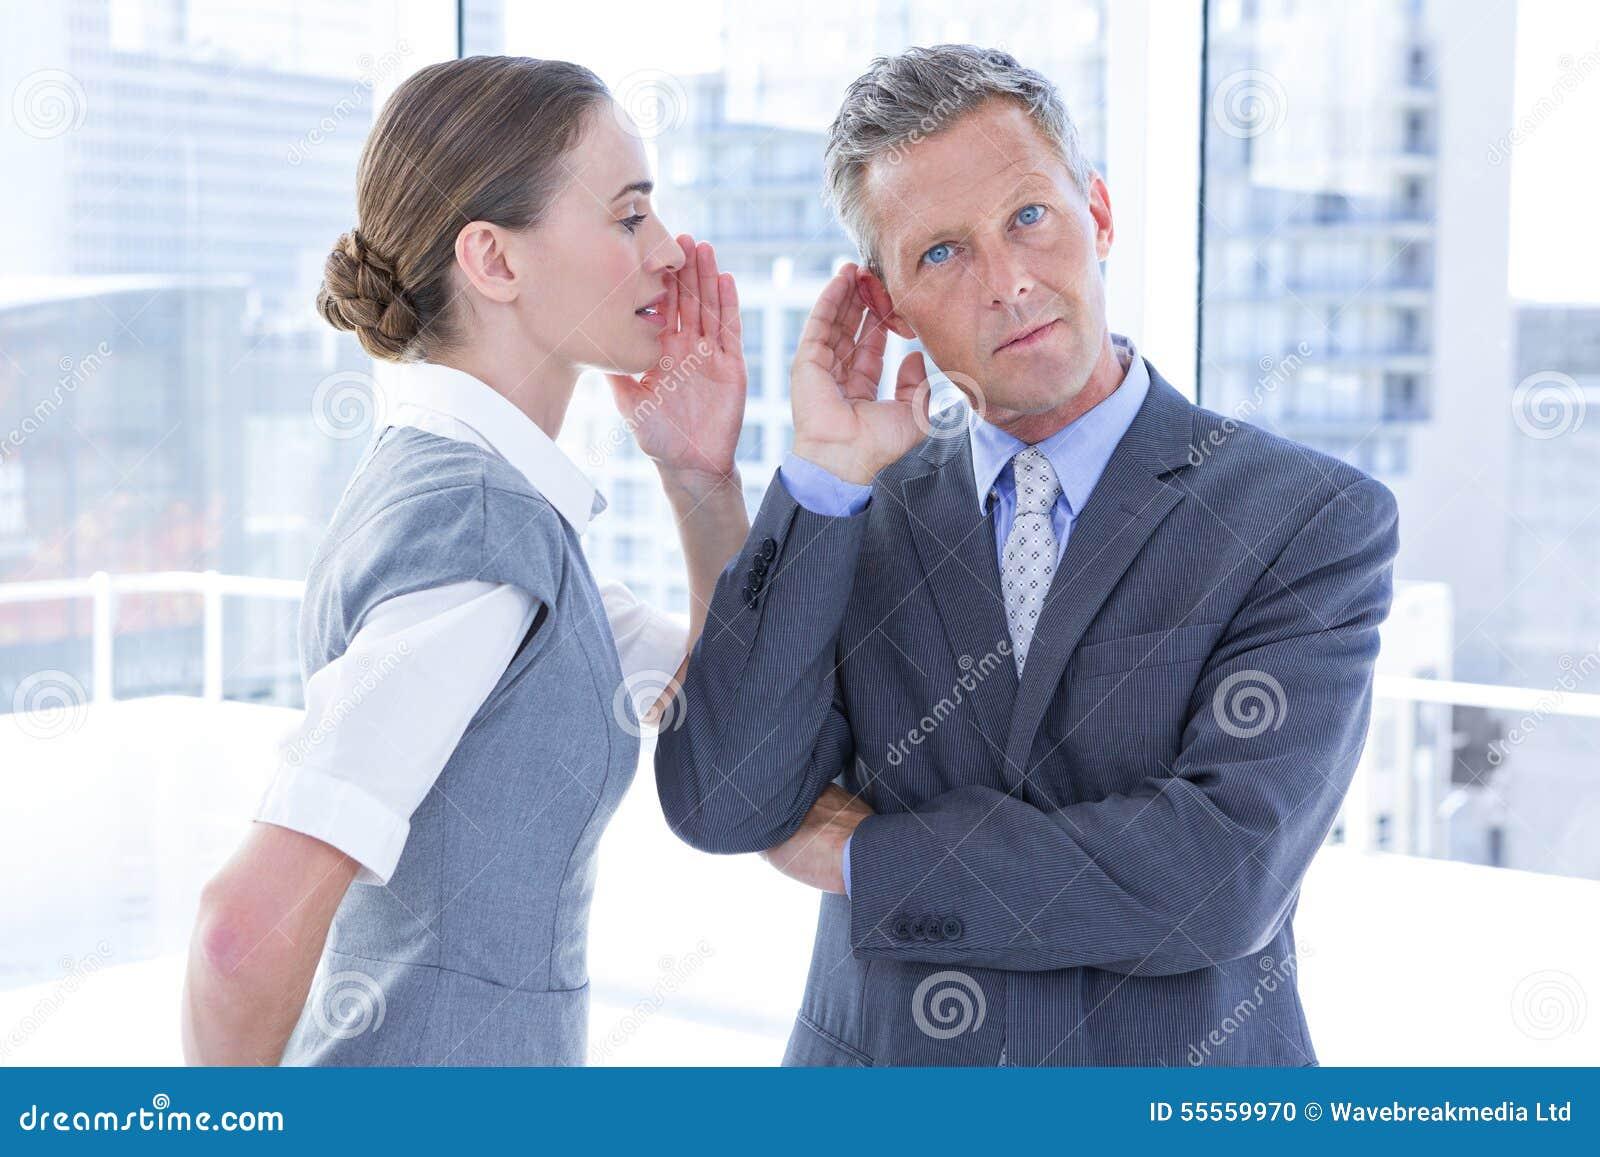 企业同事耳语